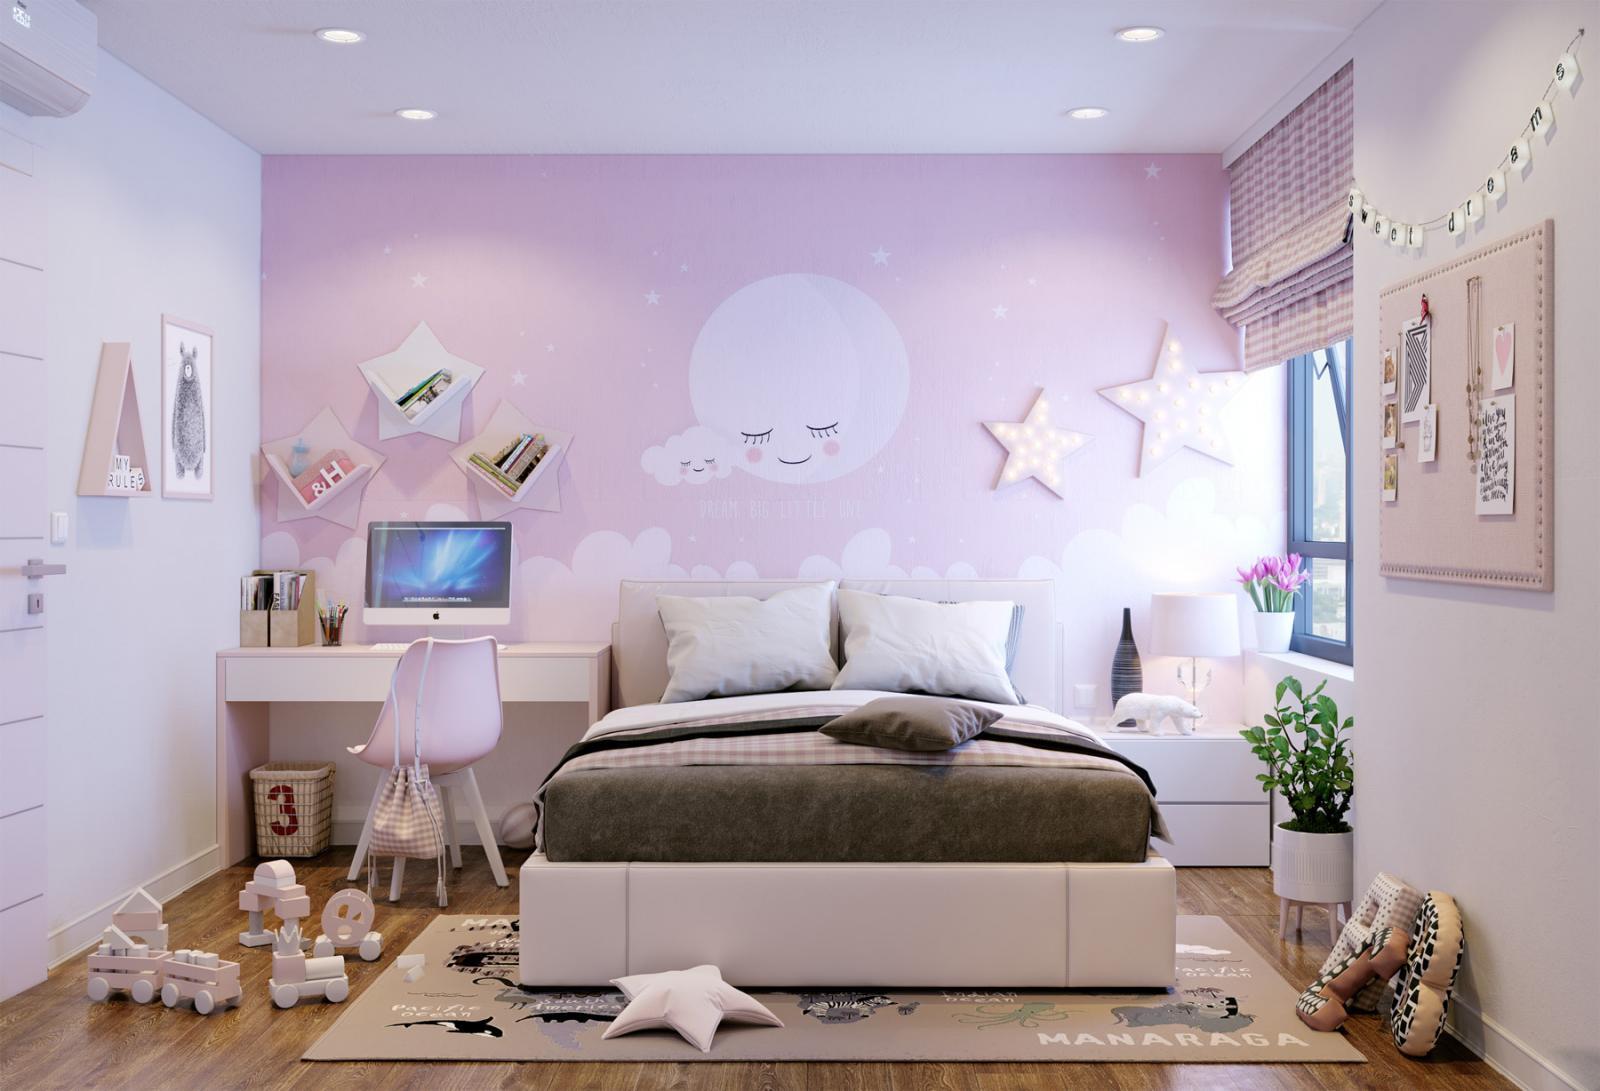 Hình ảnh không gian riêng của cô con gái nhỏ được bài trí với tông màu hồng phấn ngọt ngào.